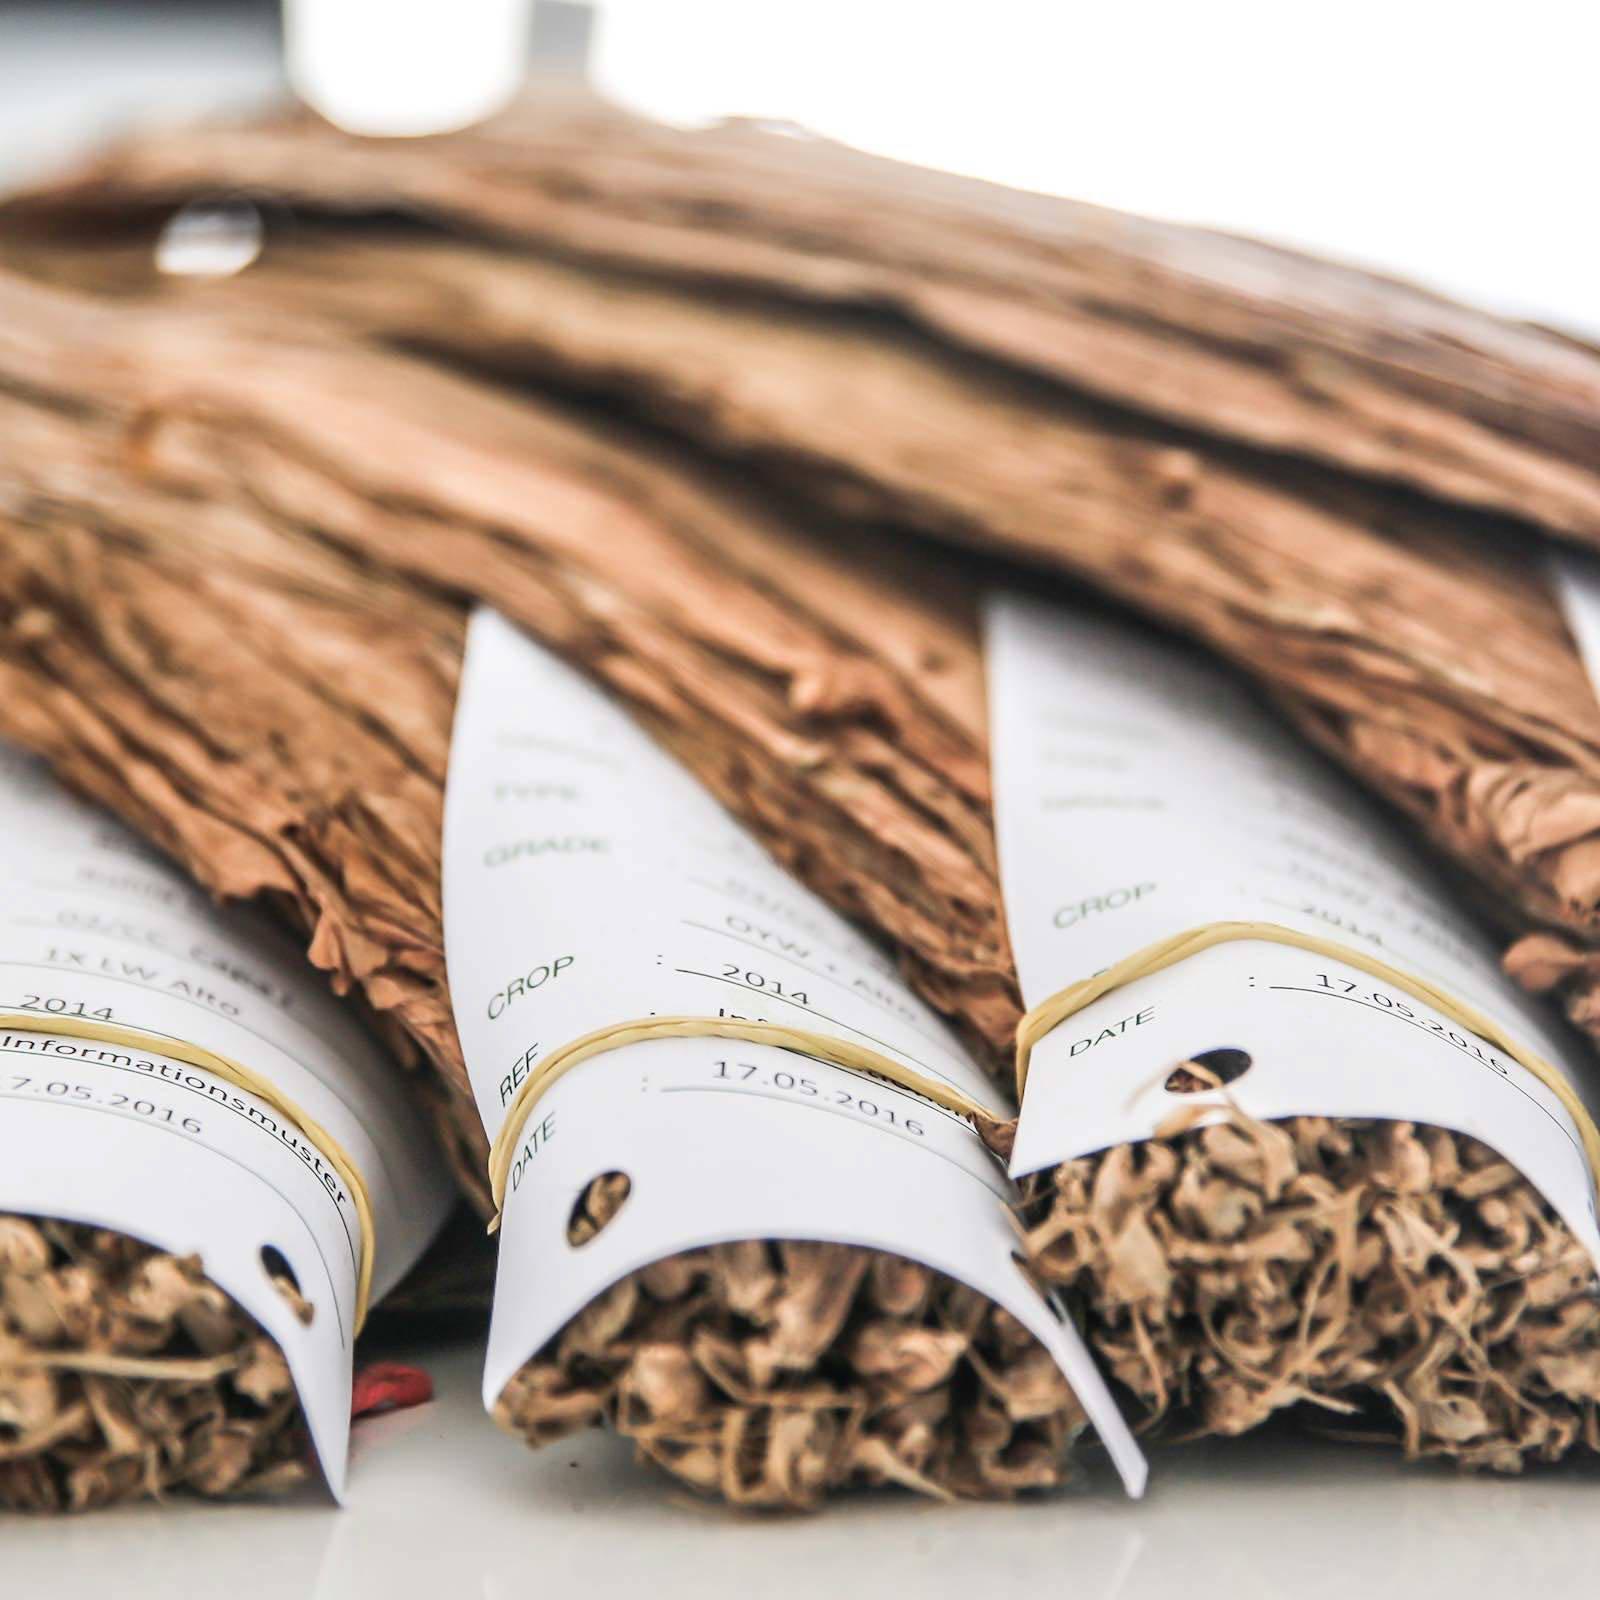 Zigarrendreher | Zigarrenroller | Trocadero | Zigarren | Drehen | Tabak | Banderole | Bauchbinde | Tabak | Sumatra | Brasilien | Indonesion | Cuba | Torpedo | Robusto | Churchill | Corona